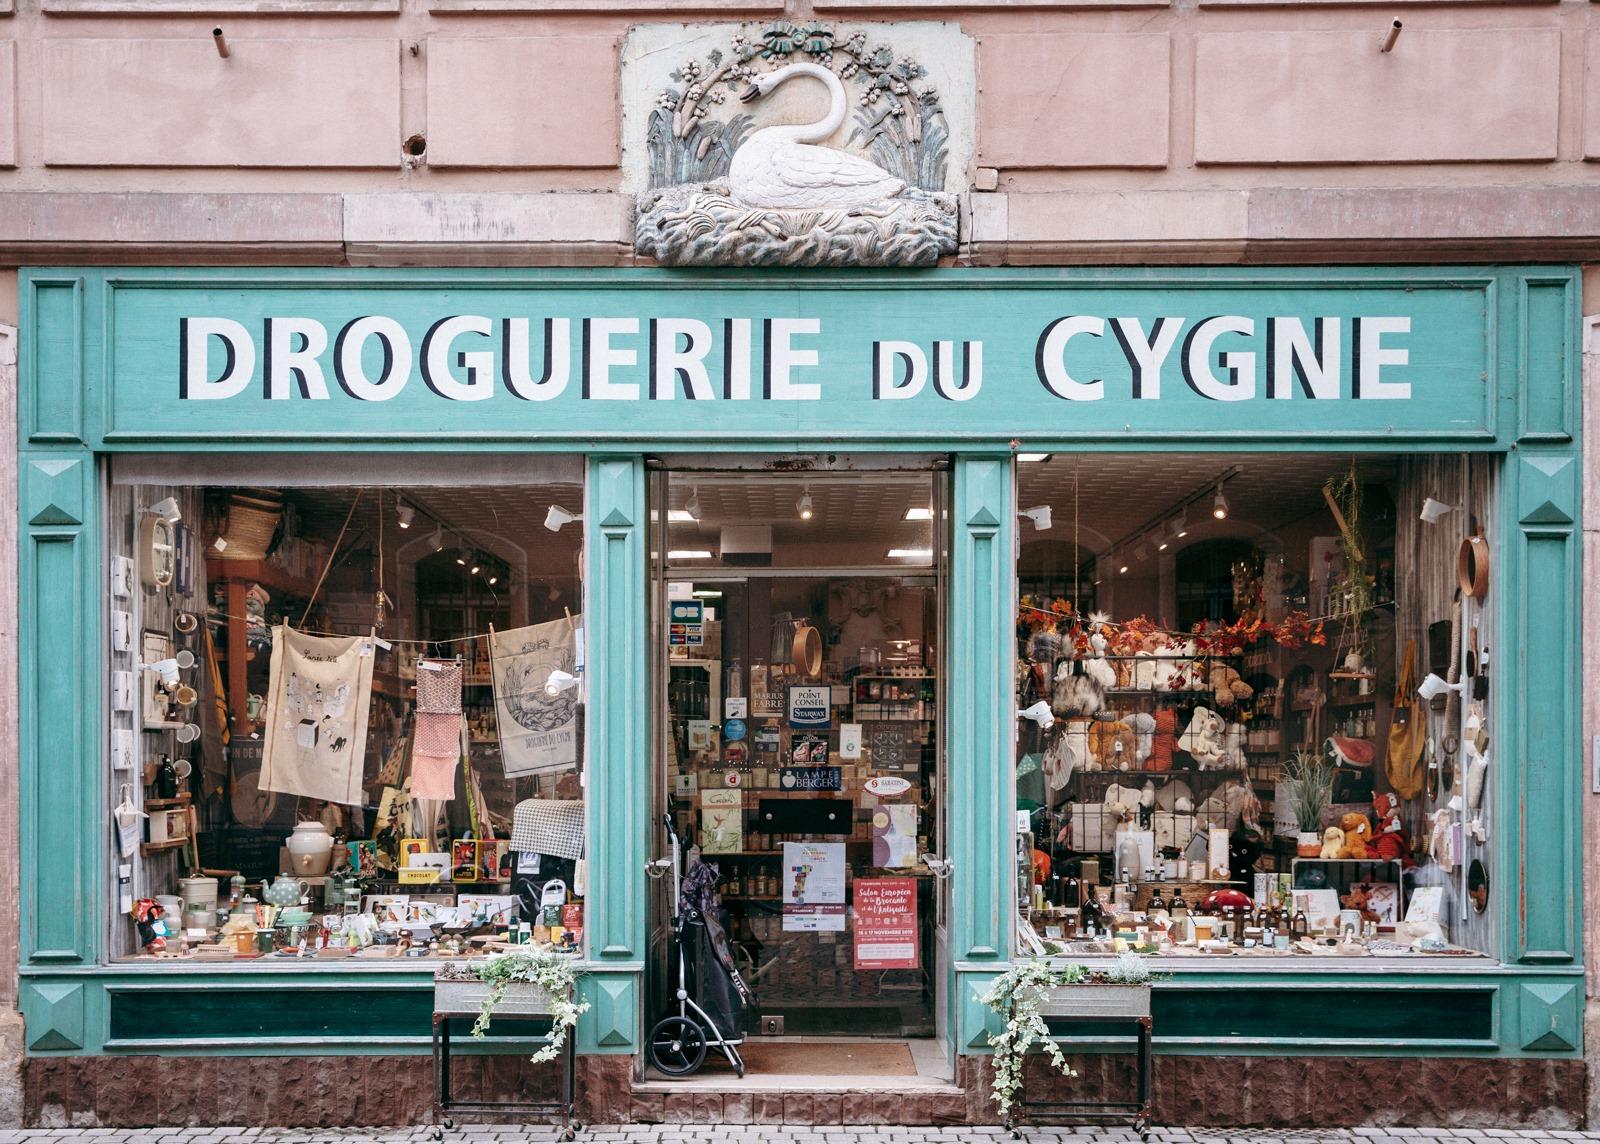 La Droguerie du Cygne À Strasbourg, les commerces indépendants luttent contre l'uniformisation